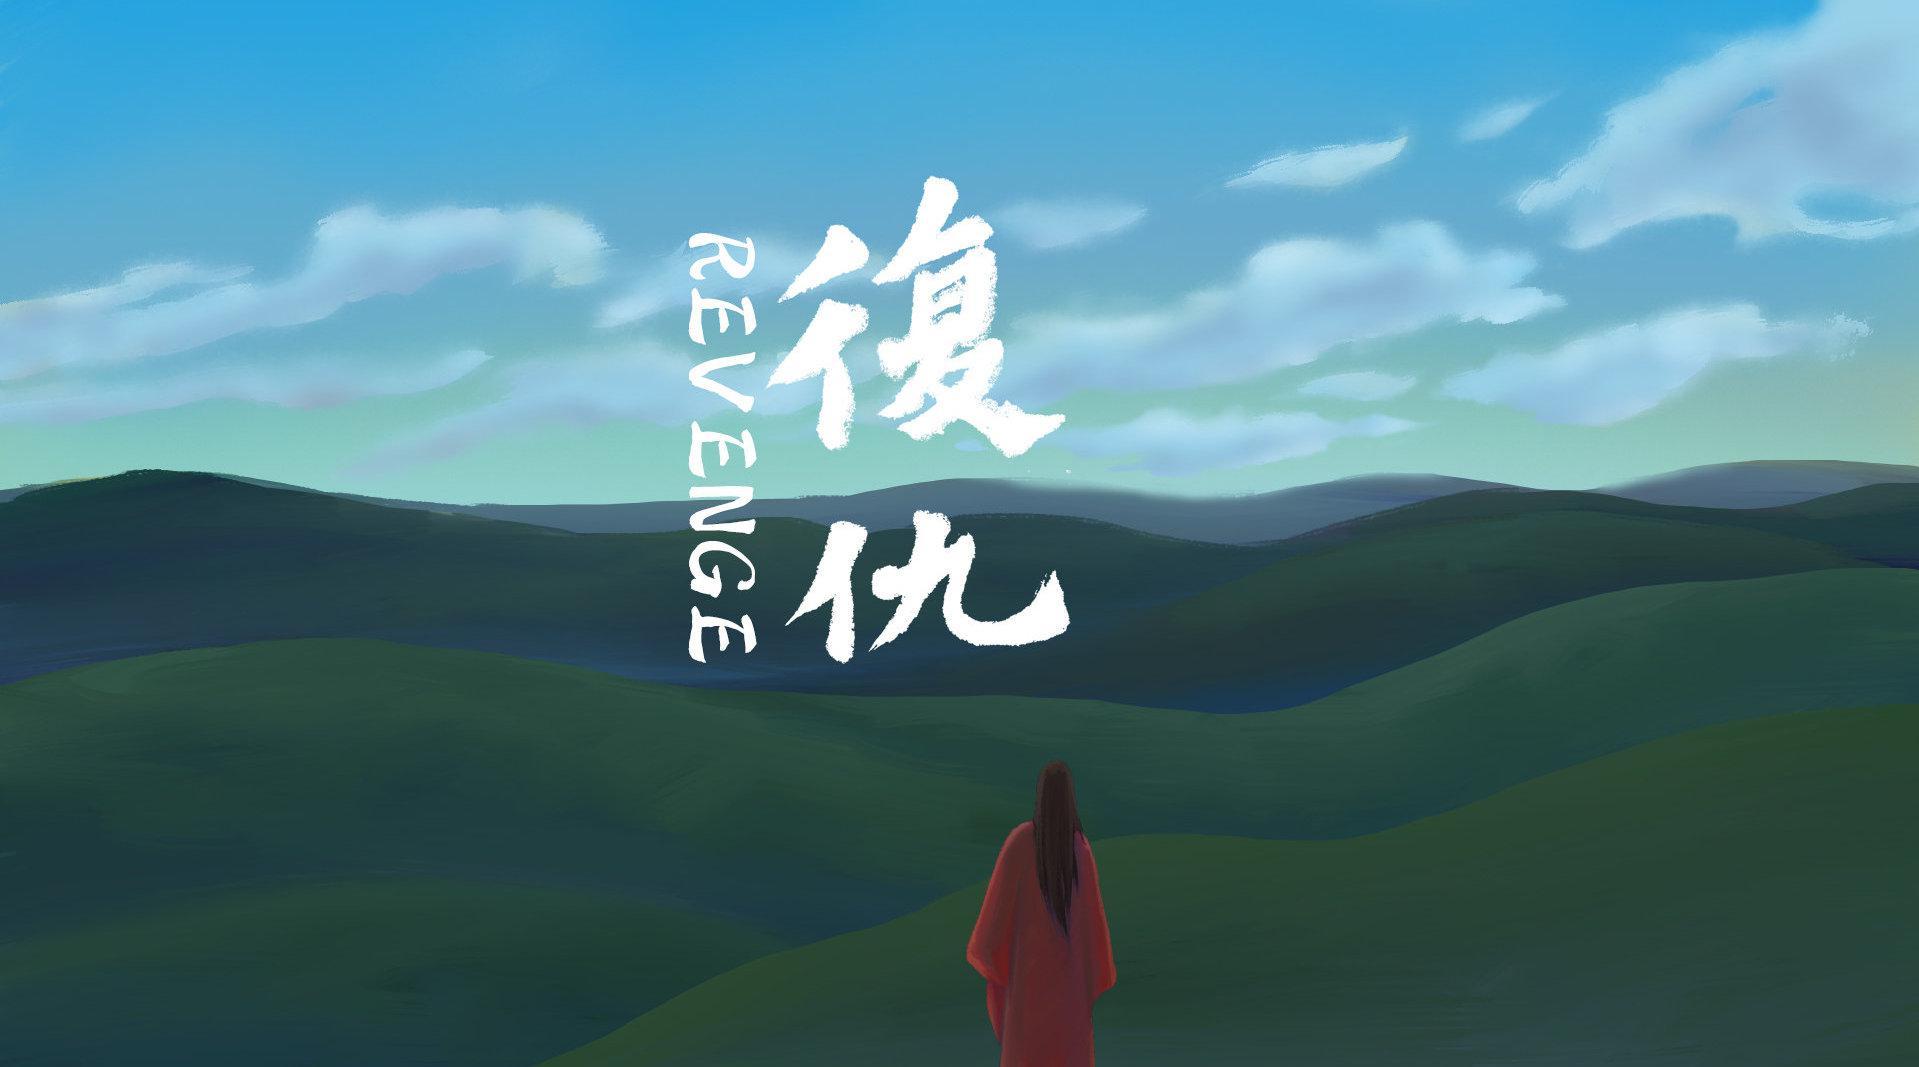 2020清华大学美术学院动画专业毕设作品《复仇》